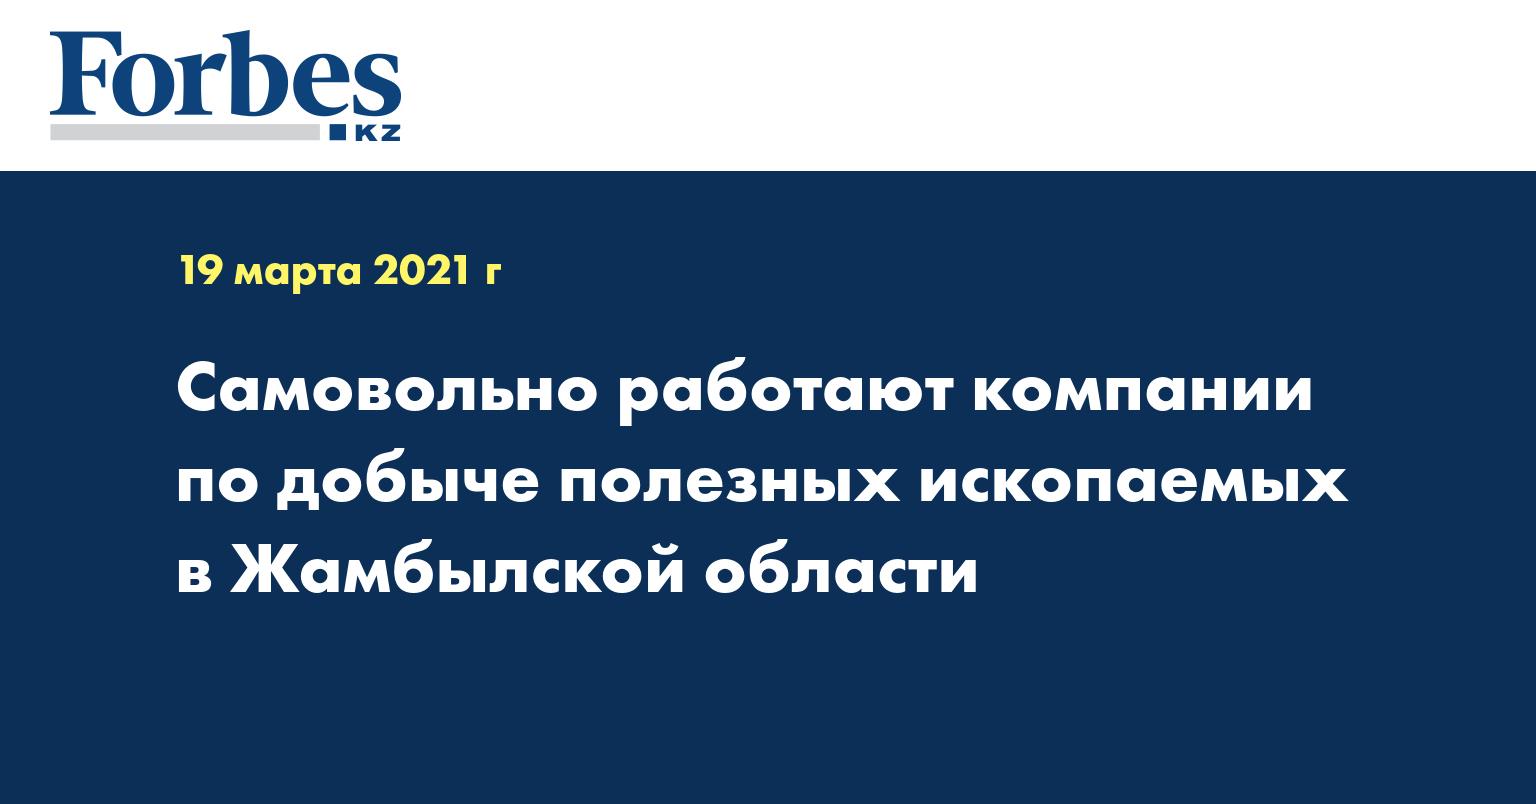 Cамовольно работают компании по добыче полезных ископаемых в Жамбылской области